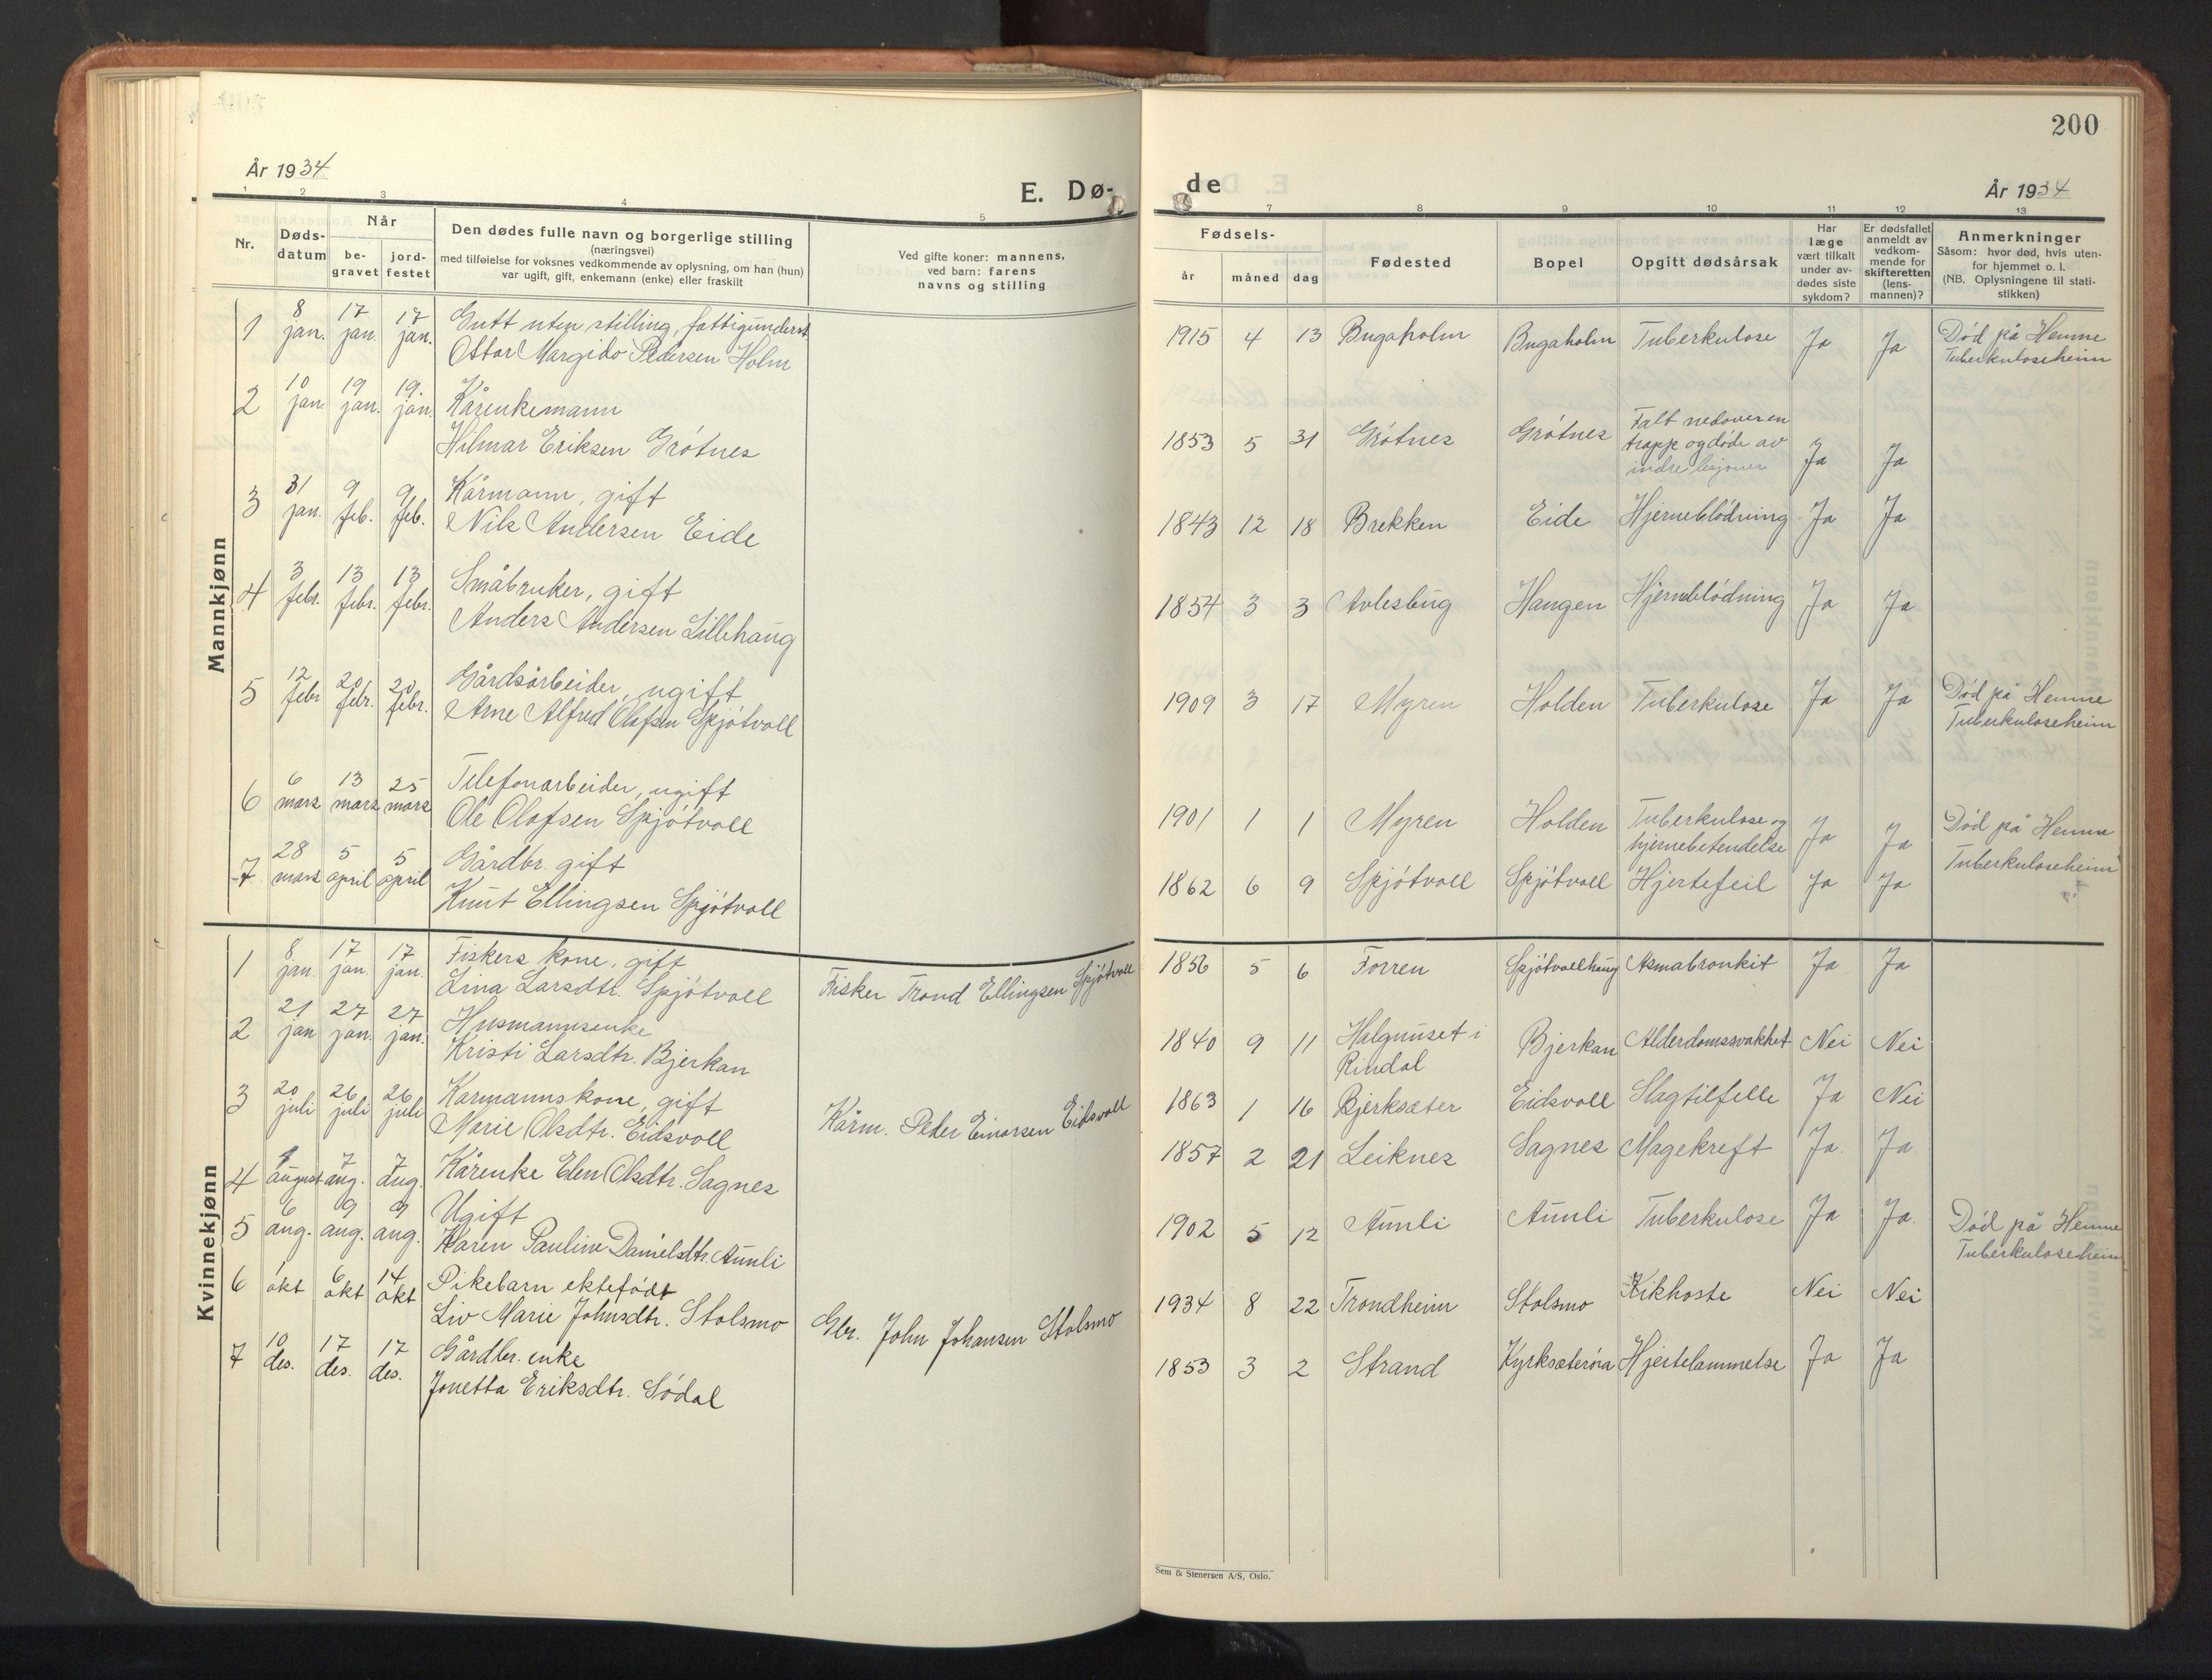 SAT, Ministerialprotokoller, klokkerbøker og fødselsregistre - Sør-Trøndelag, 630/L0508: Klokkerbok nr. 630C06, 1933-1950, s. 200